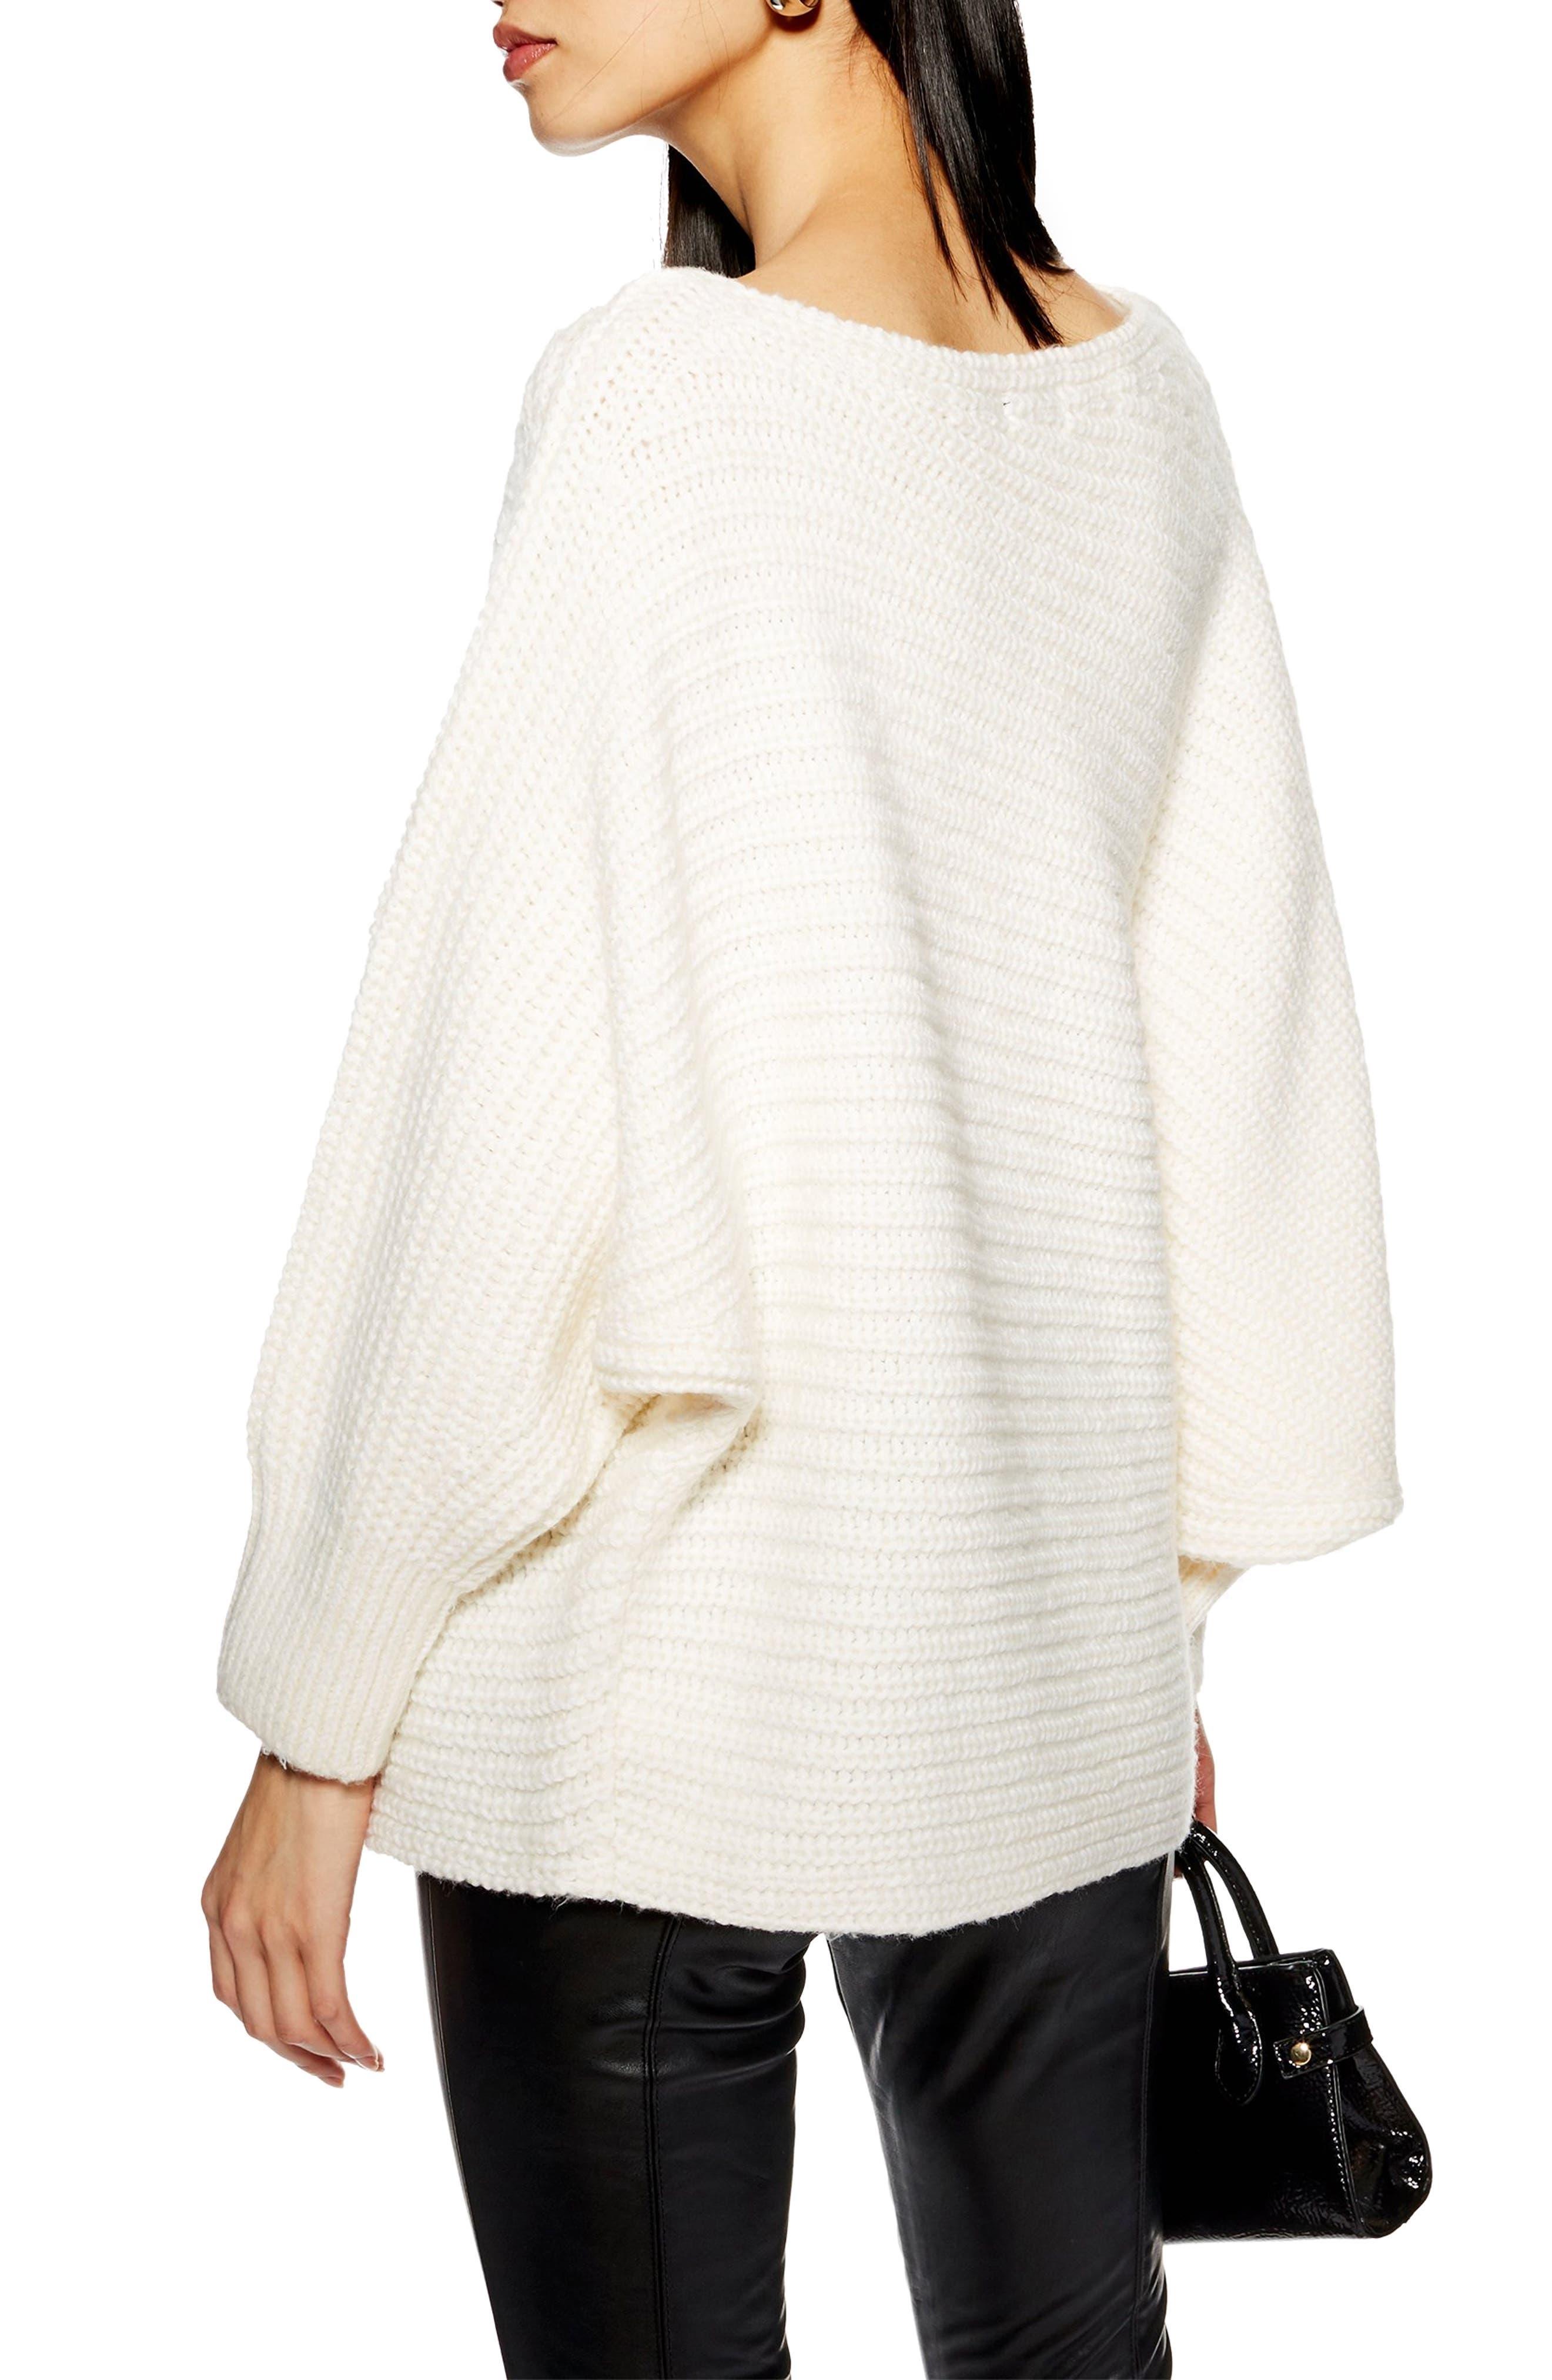 TOPSHOP, Drape Tunic Sweater, Alternate thumbnail 2, color, IVORY